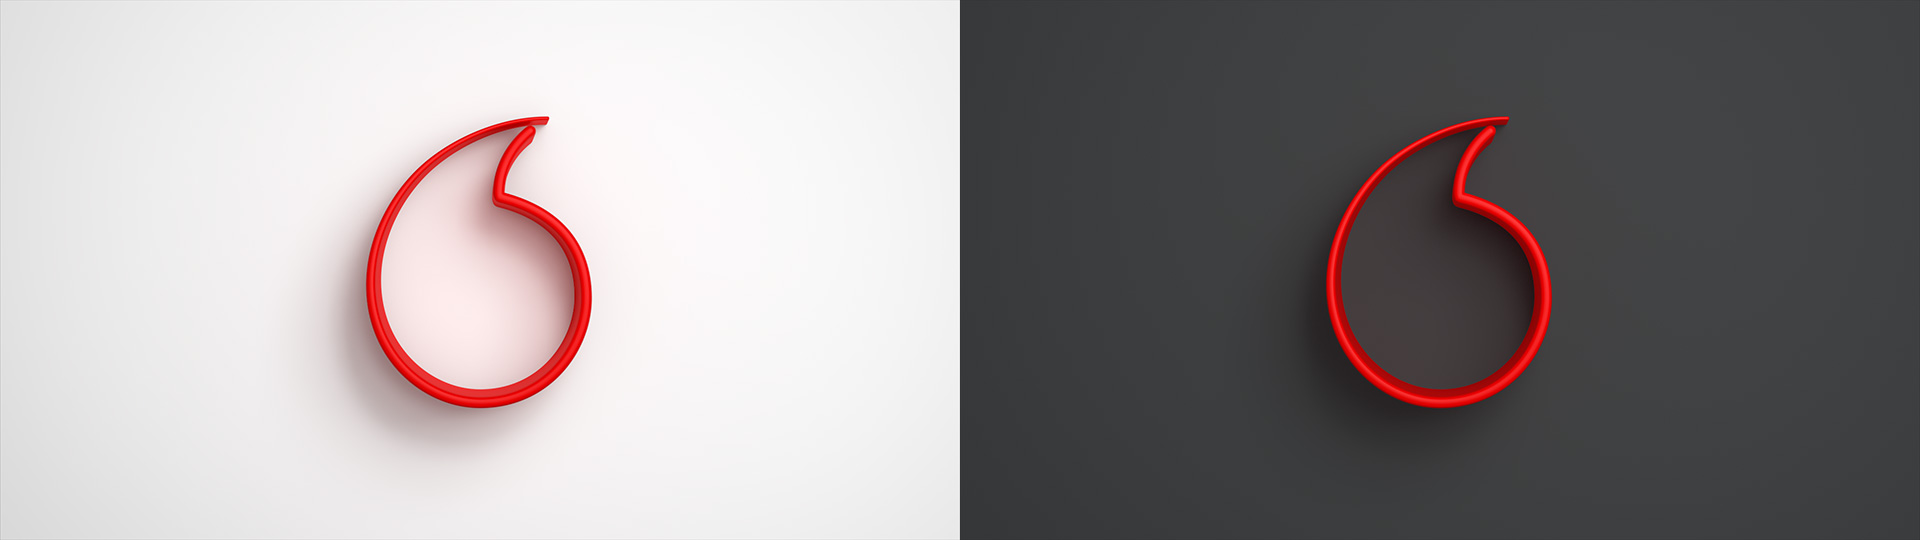 Vodafone Speechmark Variations